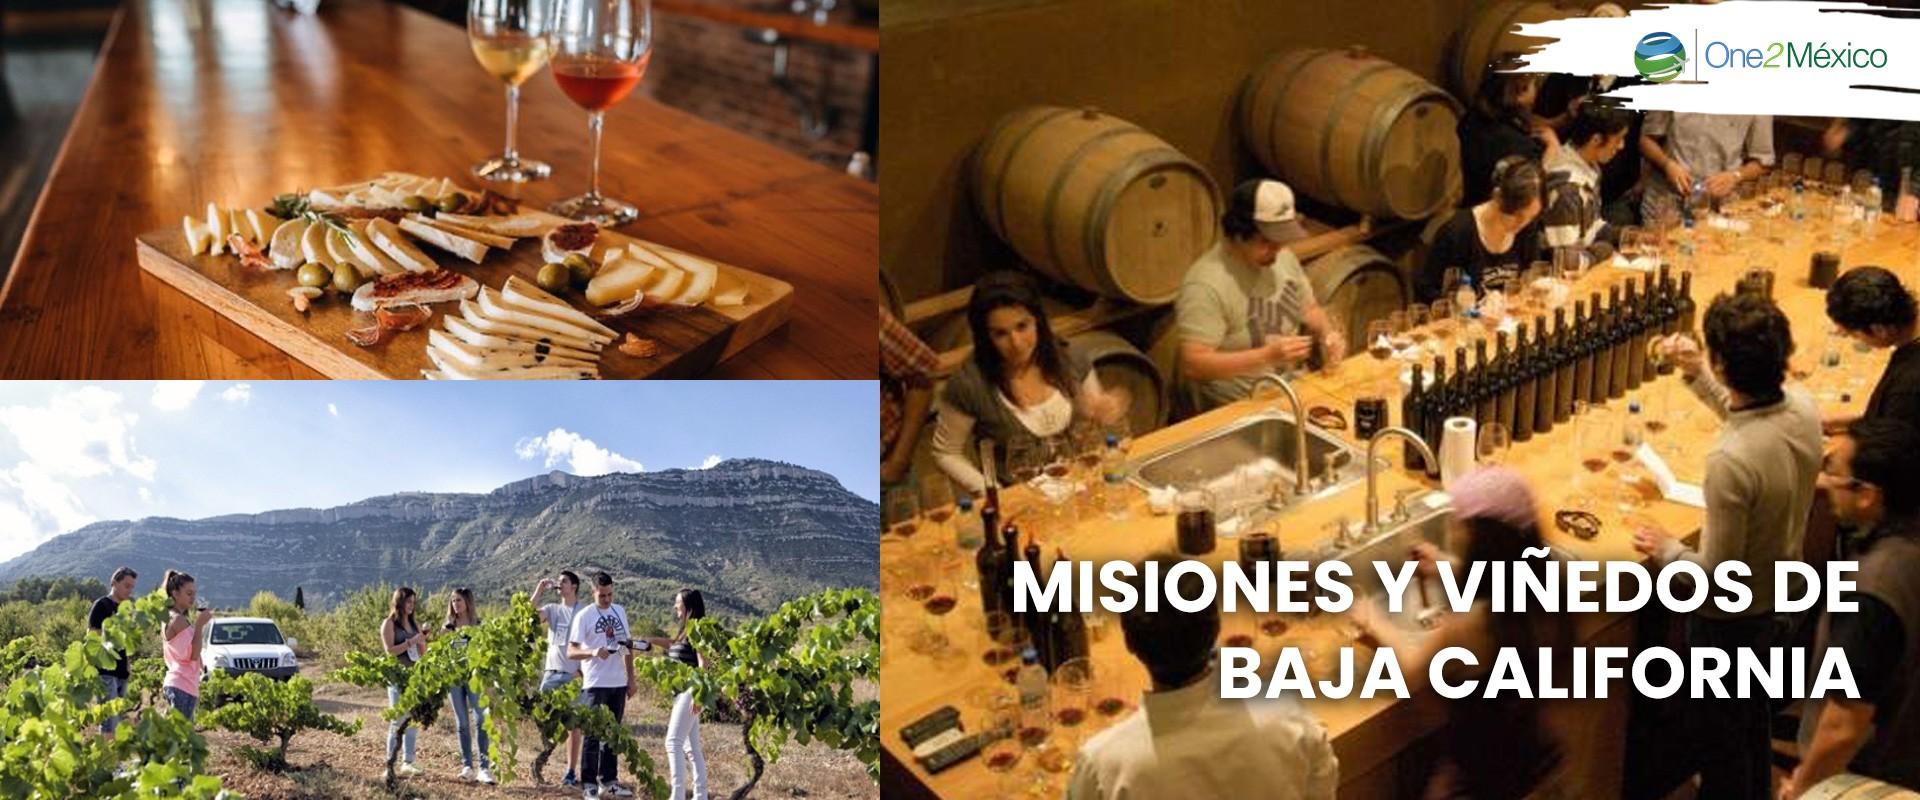 Misiones y viñedos de Baja California